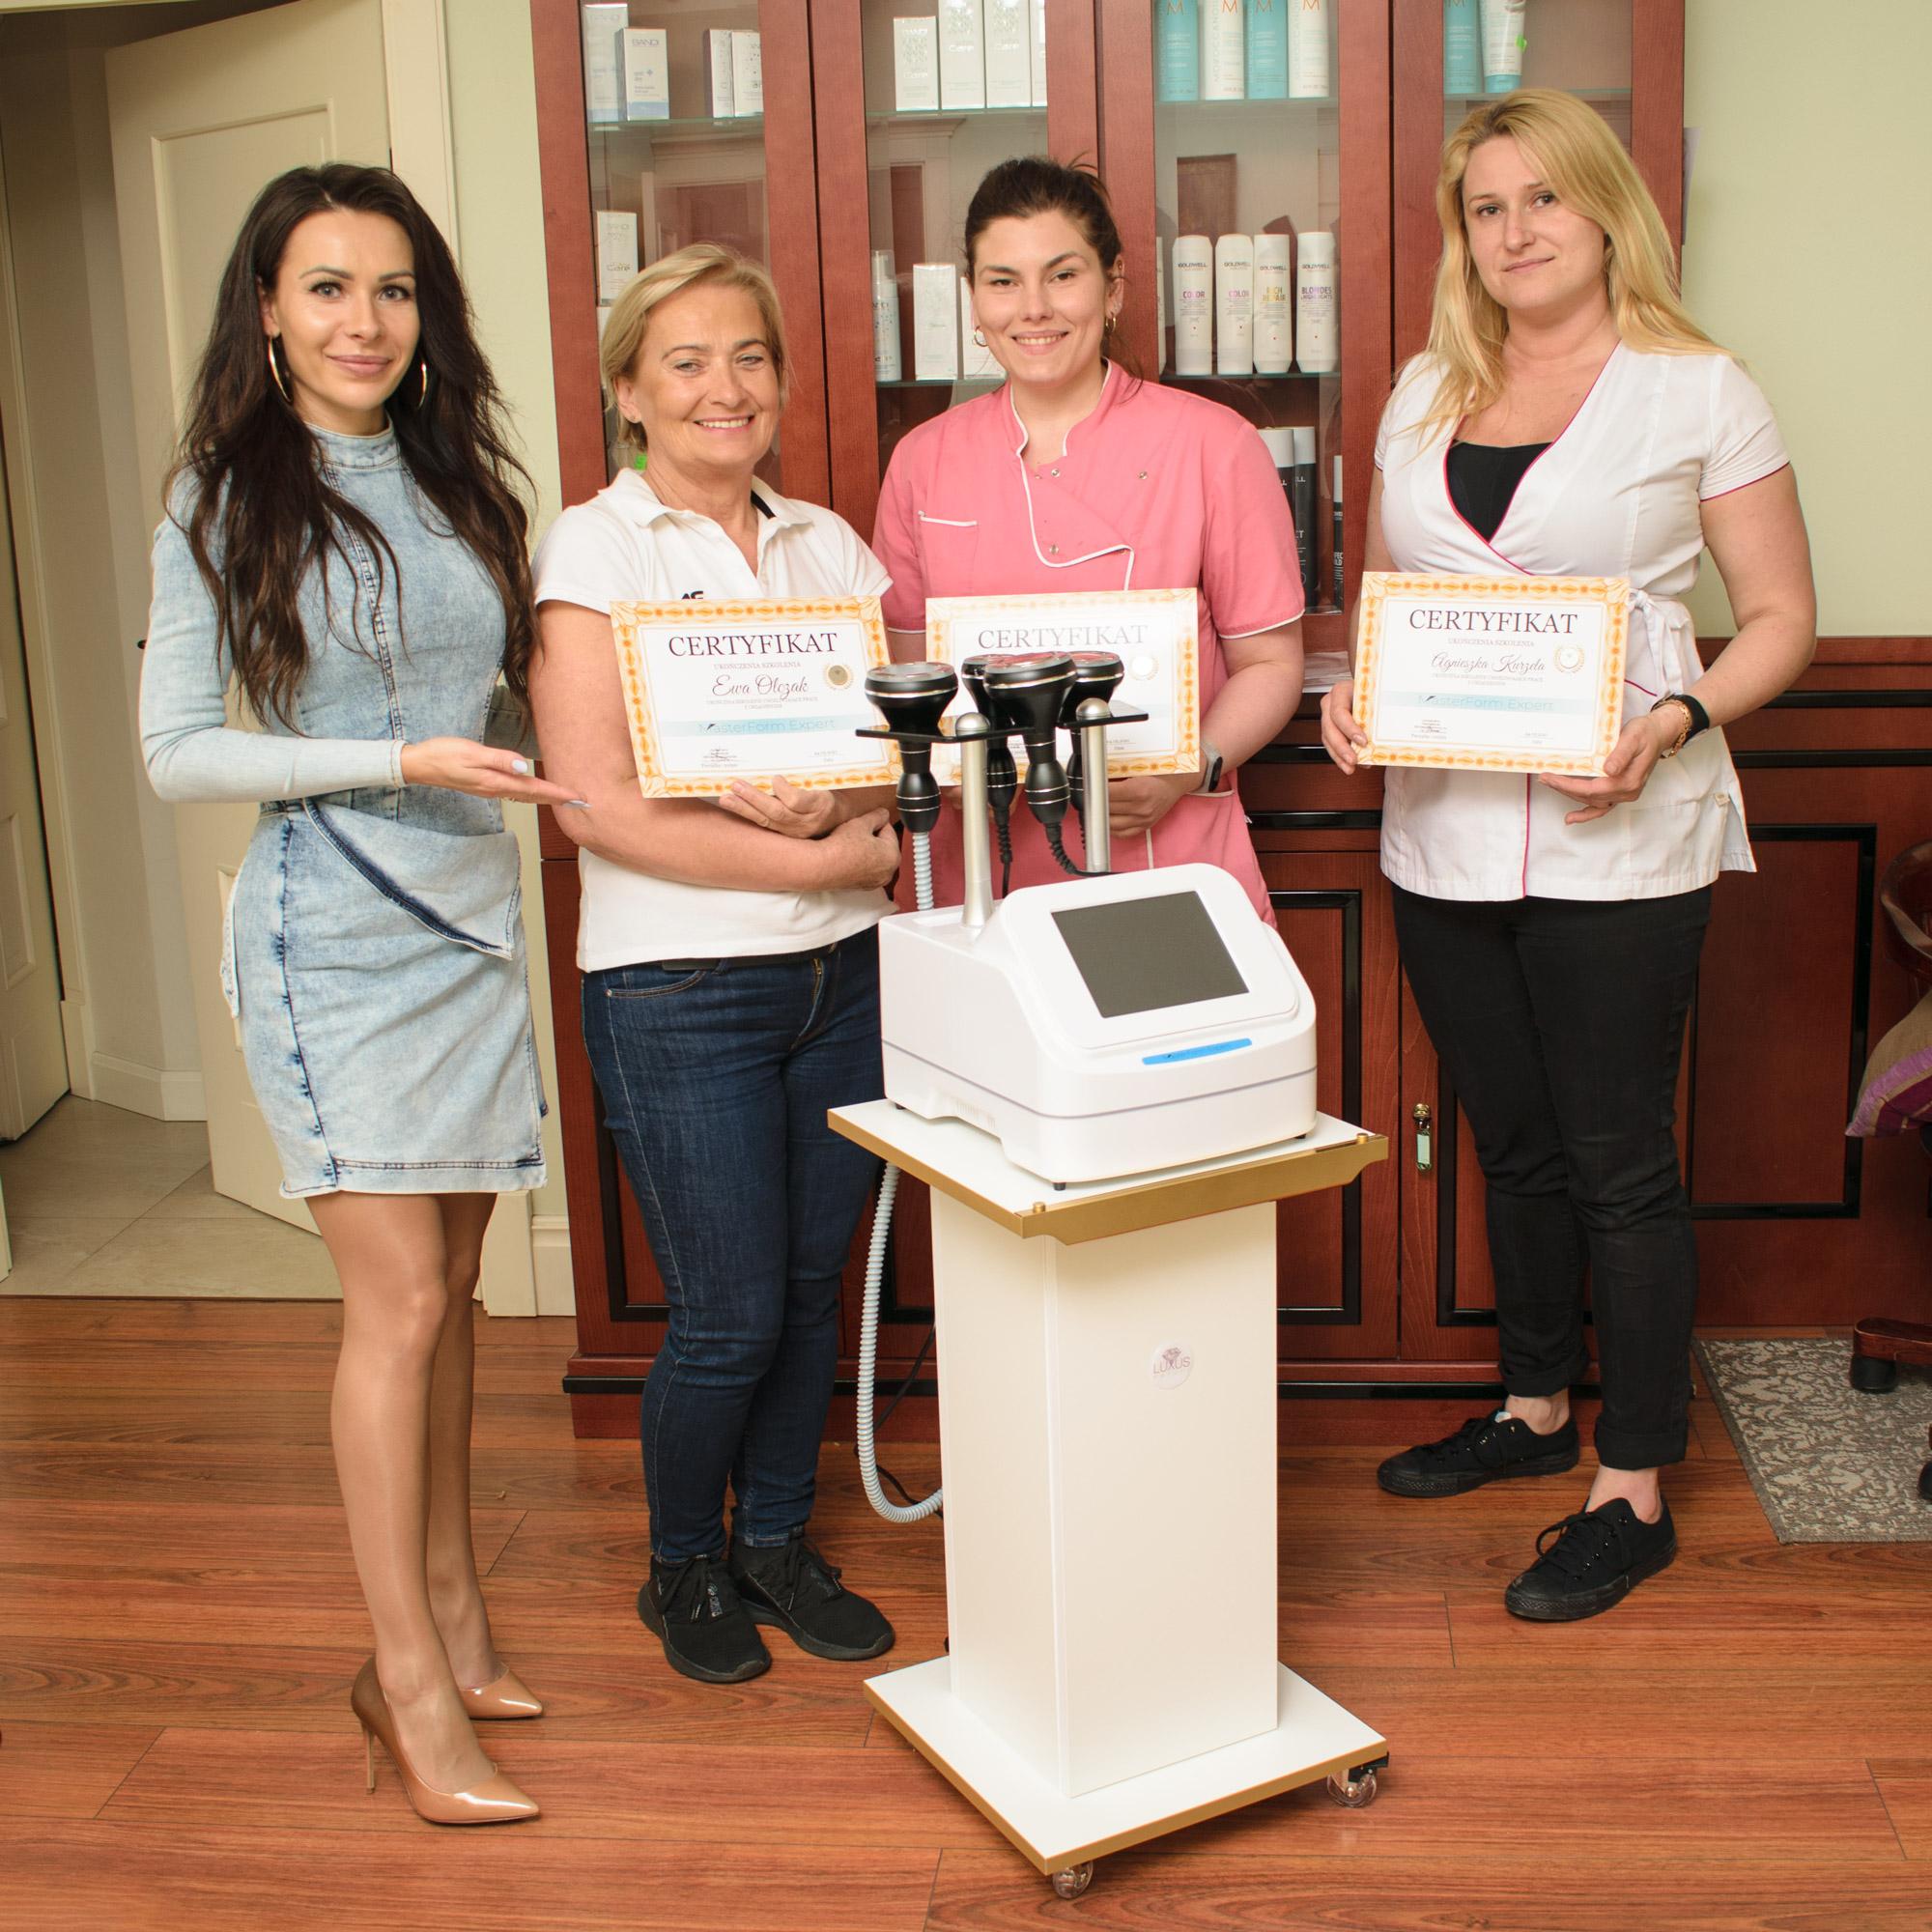 Po kursie każda uczestniczka otrzymała własny imienny certyfikat urządzenia MasterForm Expert